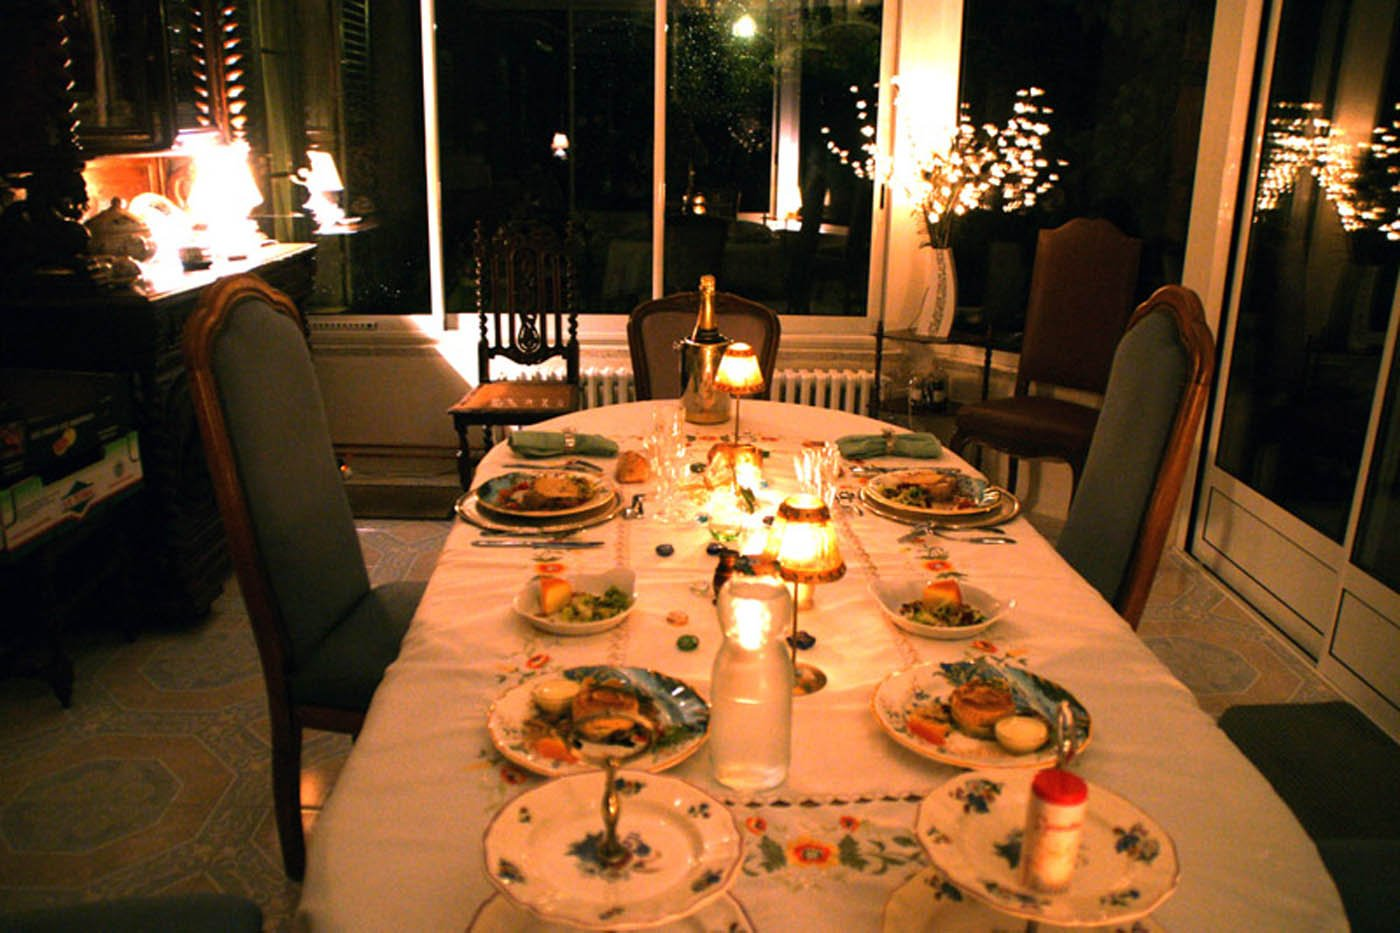 Quel repas pr parer pour un diner en amoureux axonpost - Idee menu pour soiree beaujolais ...